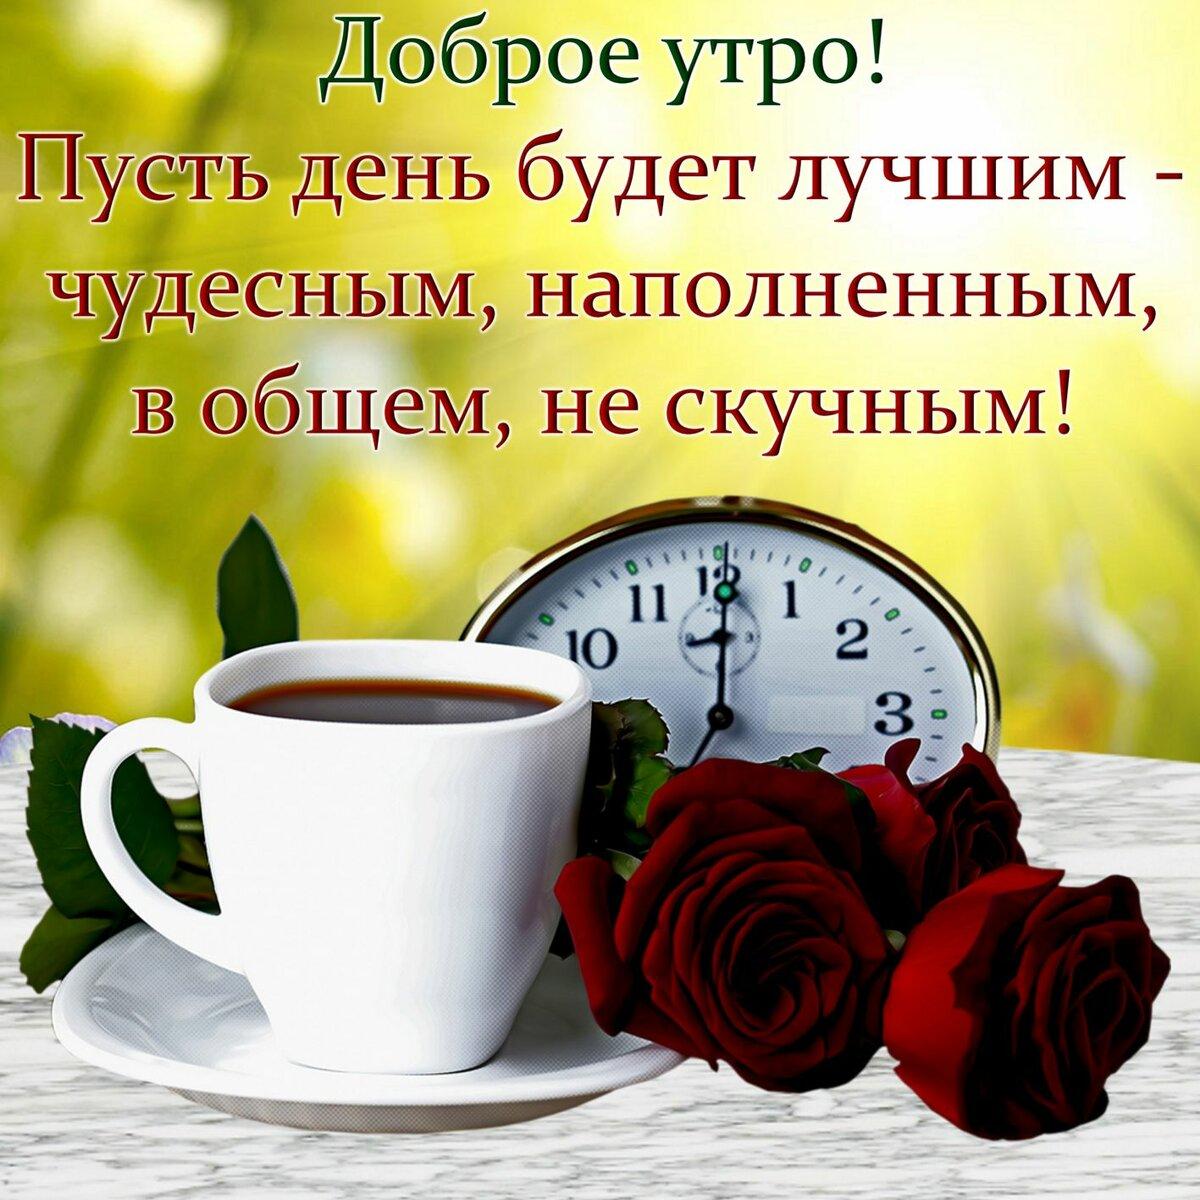 Открытки и доброе утро